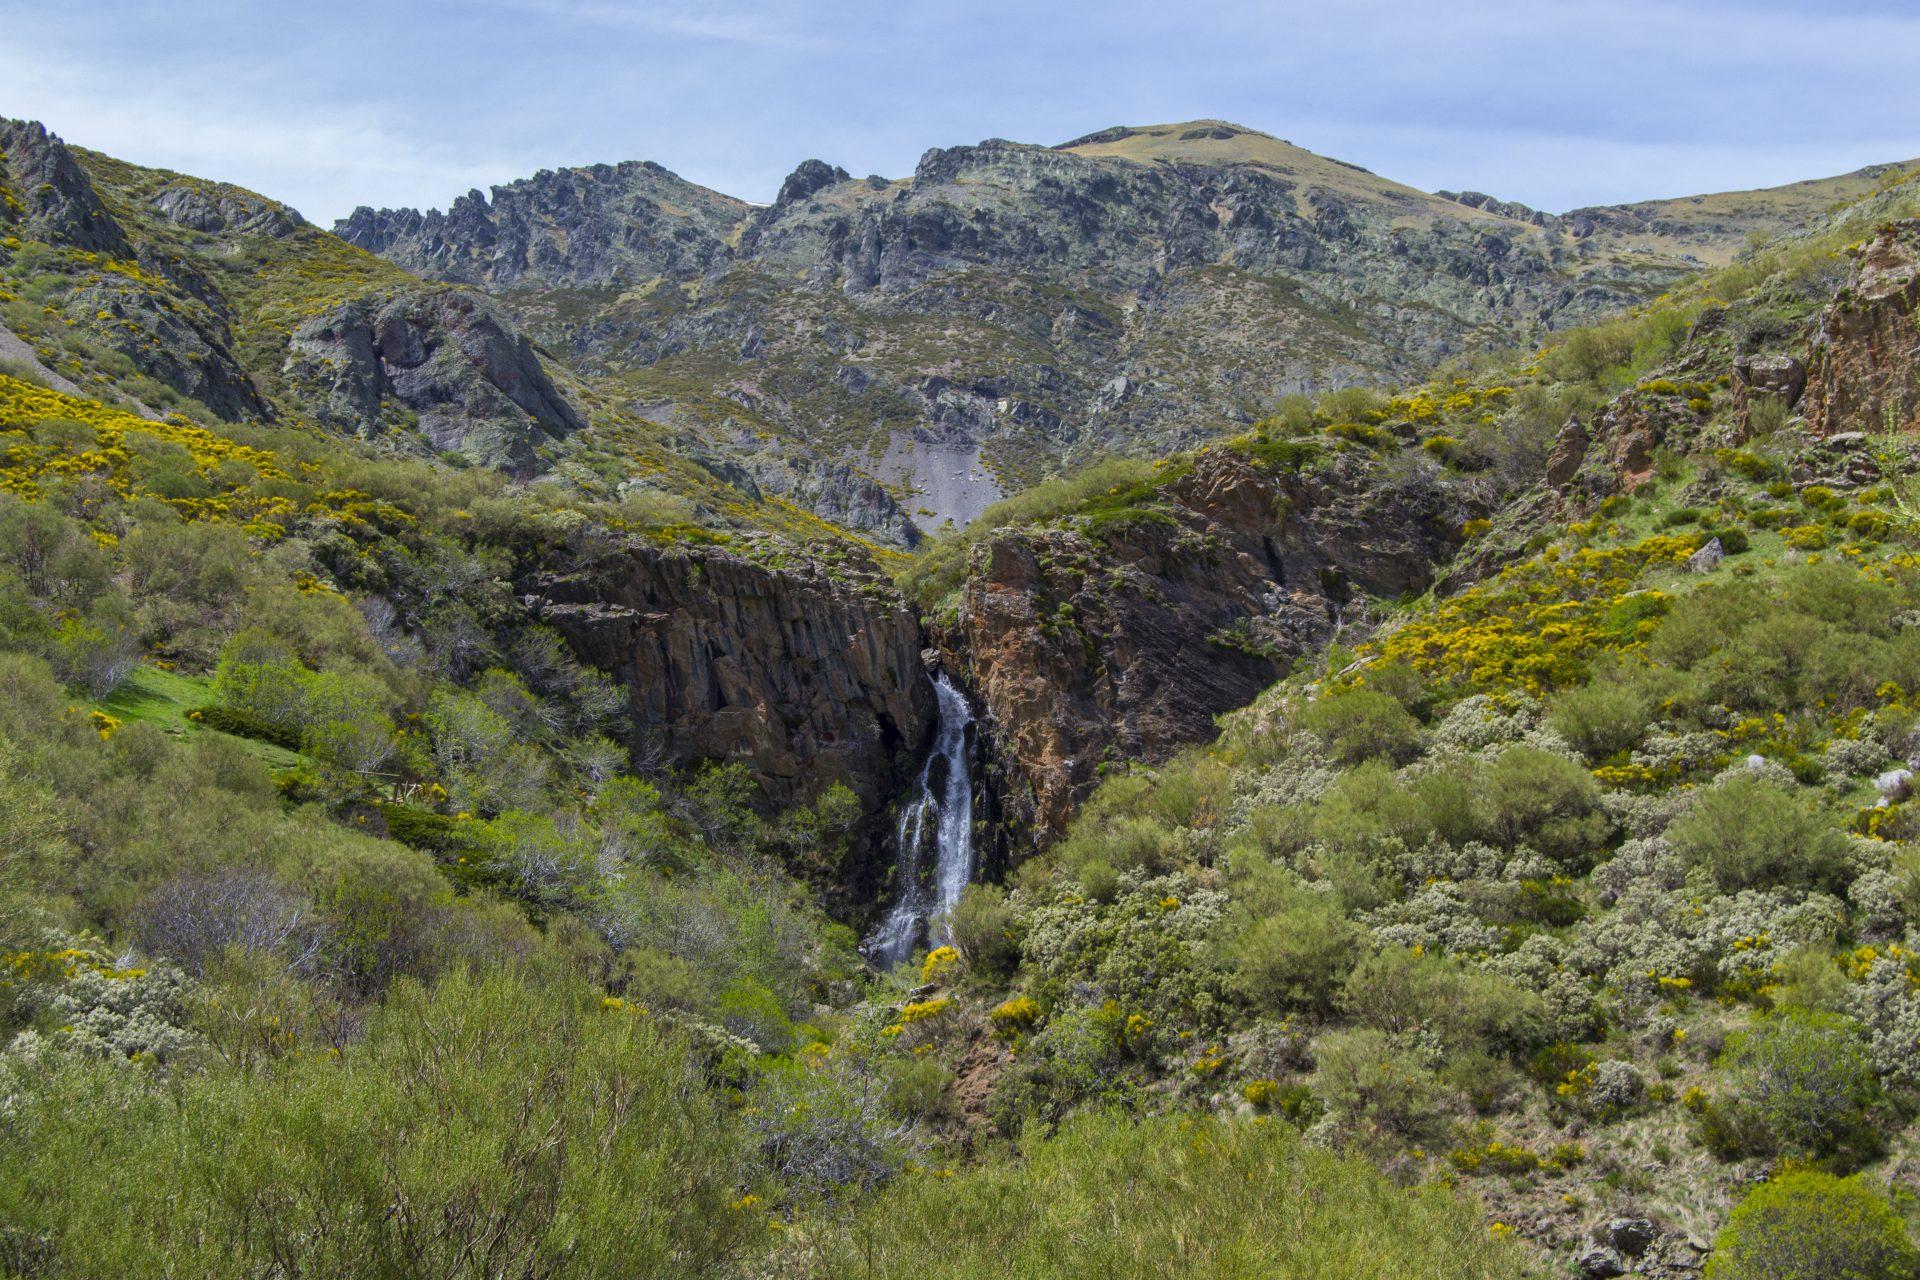 Vista de la Cascada de Mazobre